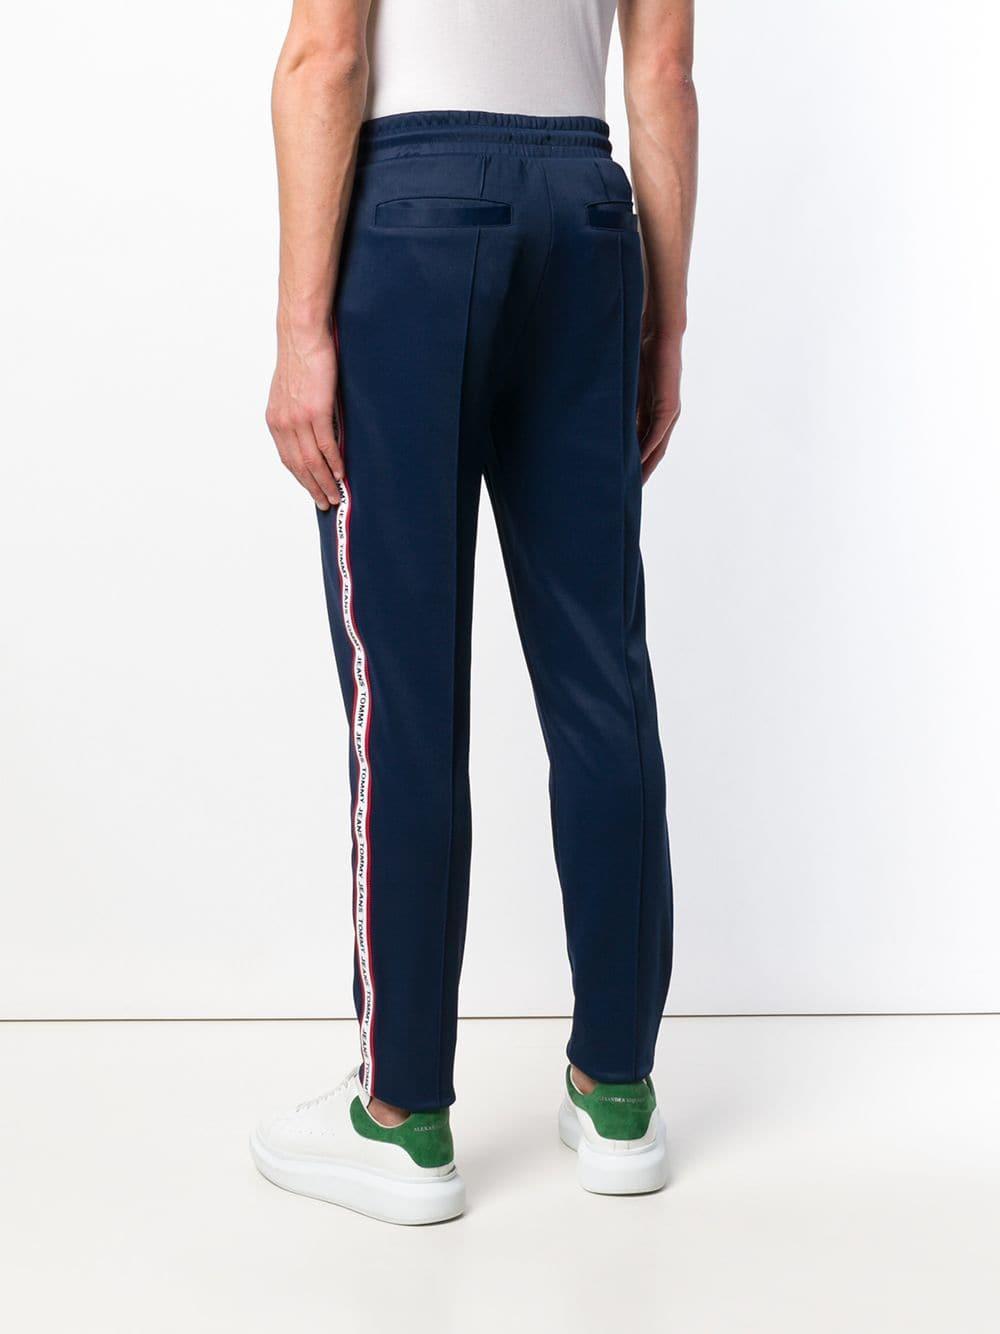 7e6cc0bea8c Tommy Hilfiger - Blue Pantalones de chándal con cinta del logo for Men -  Lyst. Ver en pantalla completa